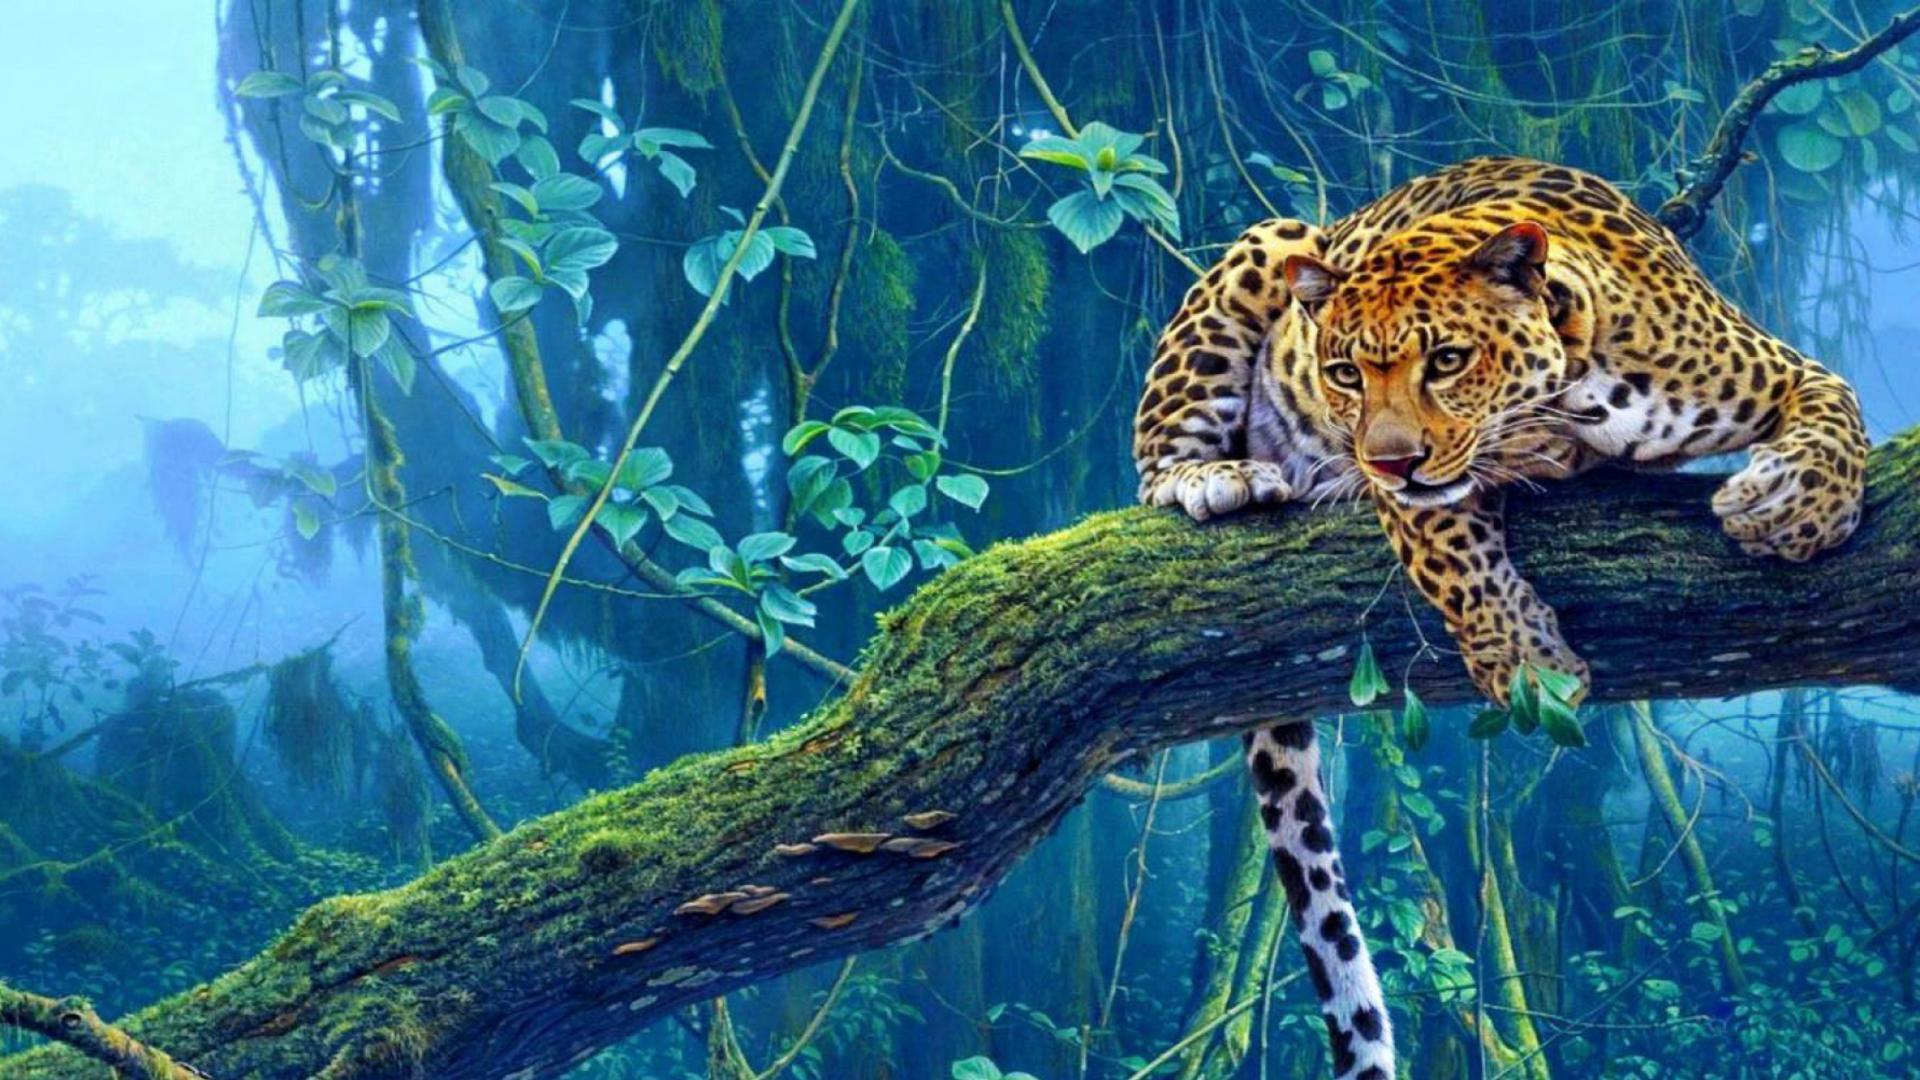 этого тигр и леопард в лесу картинки учитывая